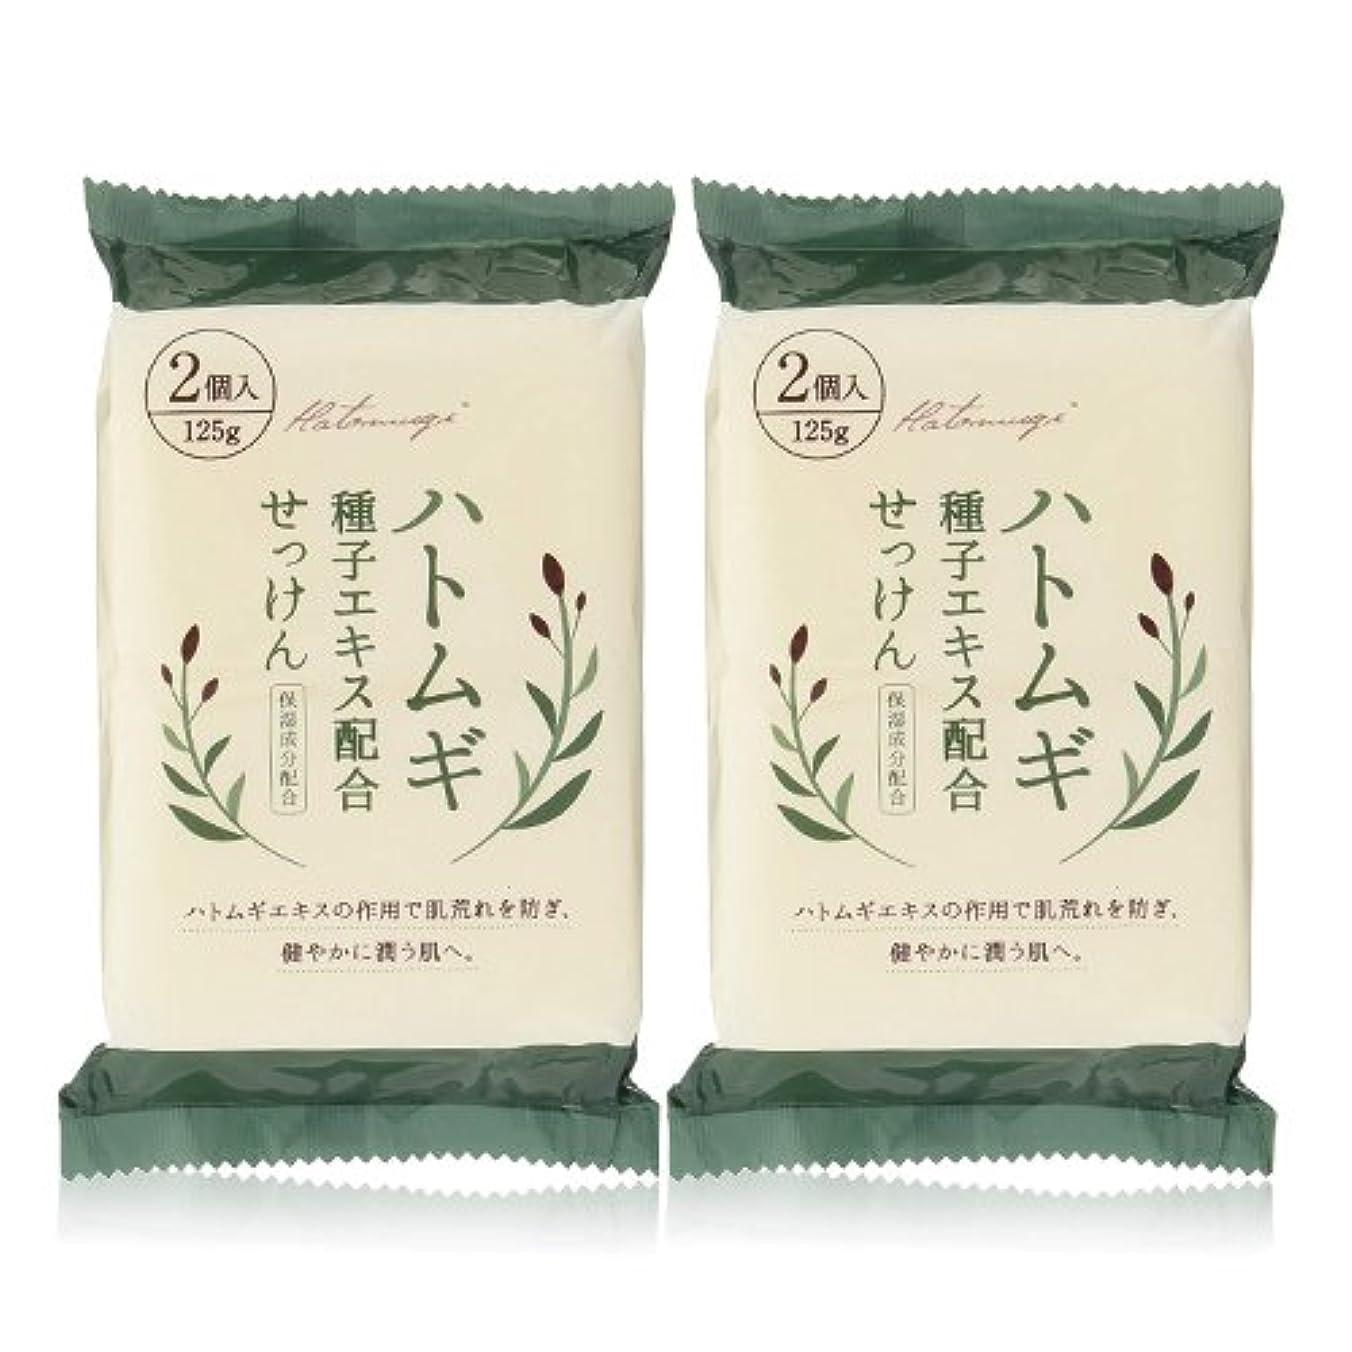 過ち今日ベールハトムギ種子エキス配合石けん 125g(2コ入)×2個セット(計4個)